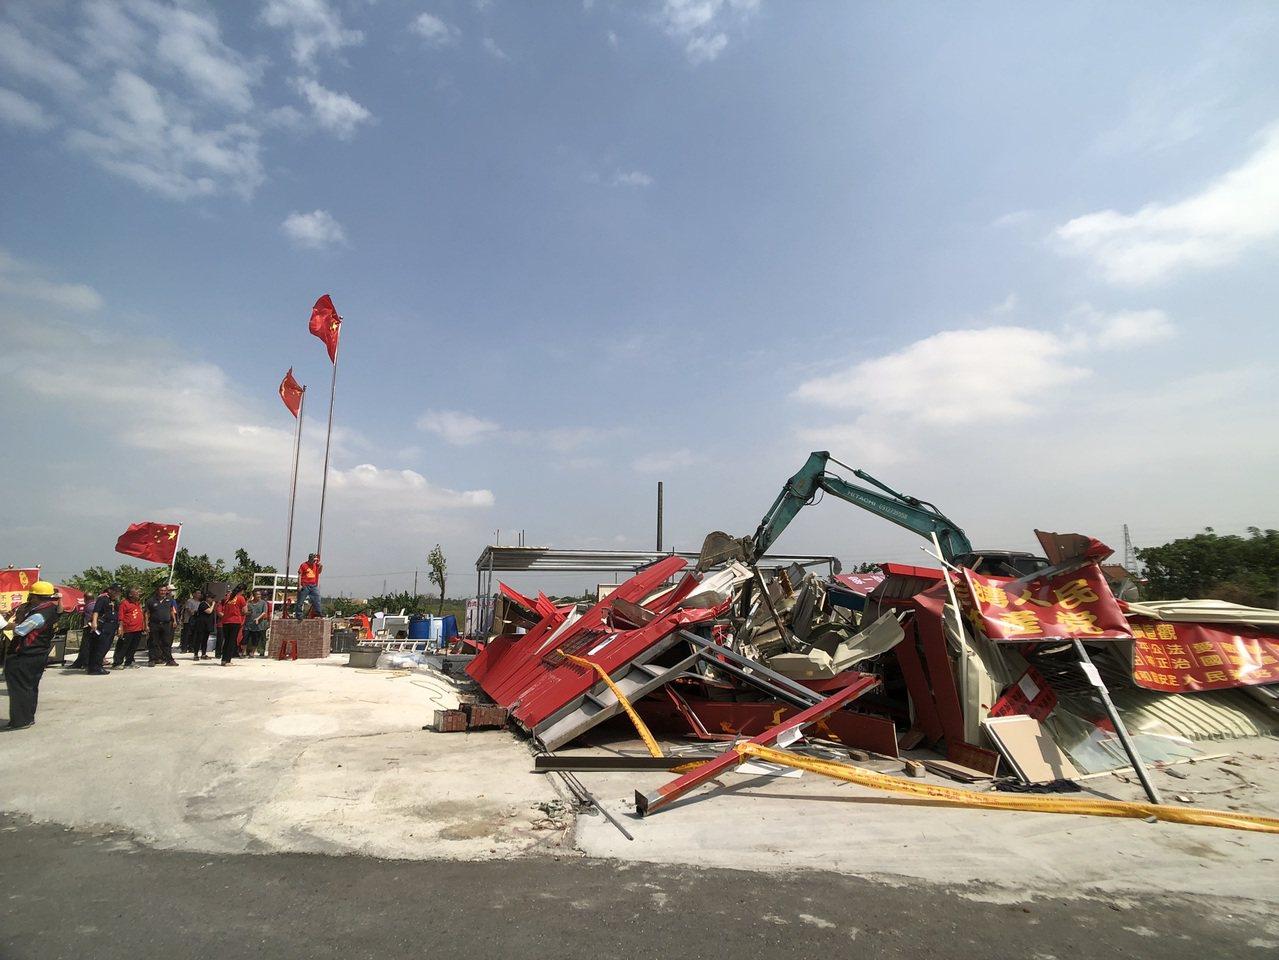 台南新營區「共產天后宮」,經市府認定為違章建築,今天執行拆除。圖/市府工務局提供